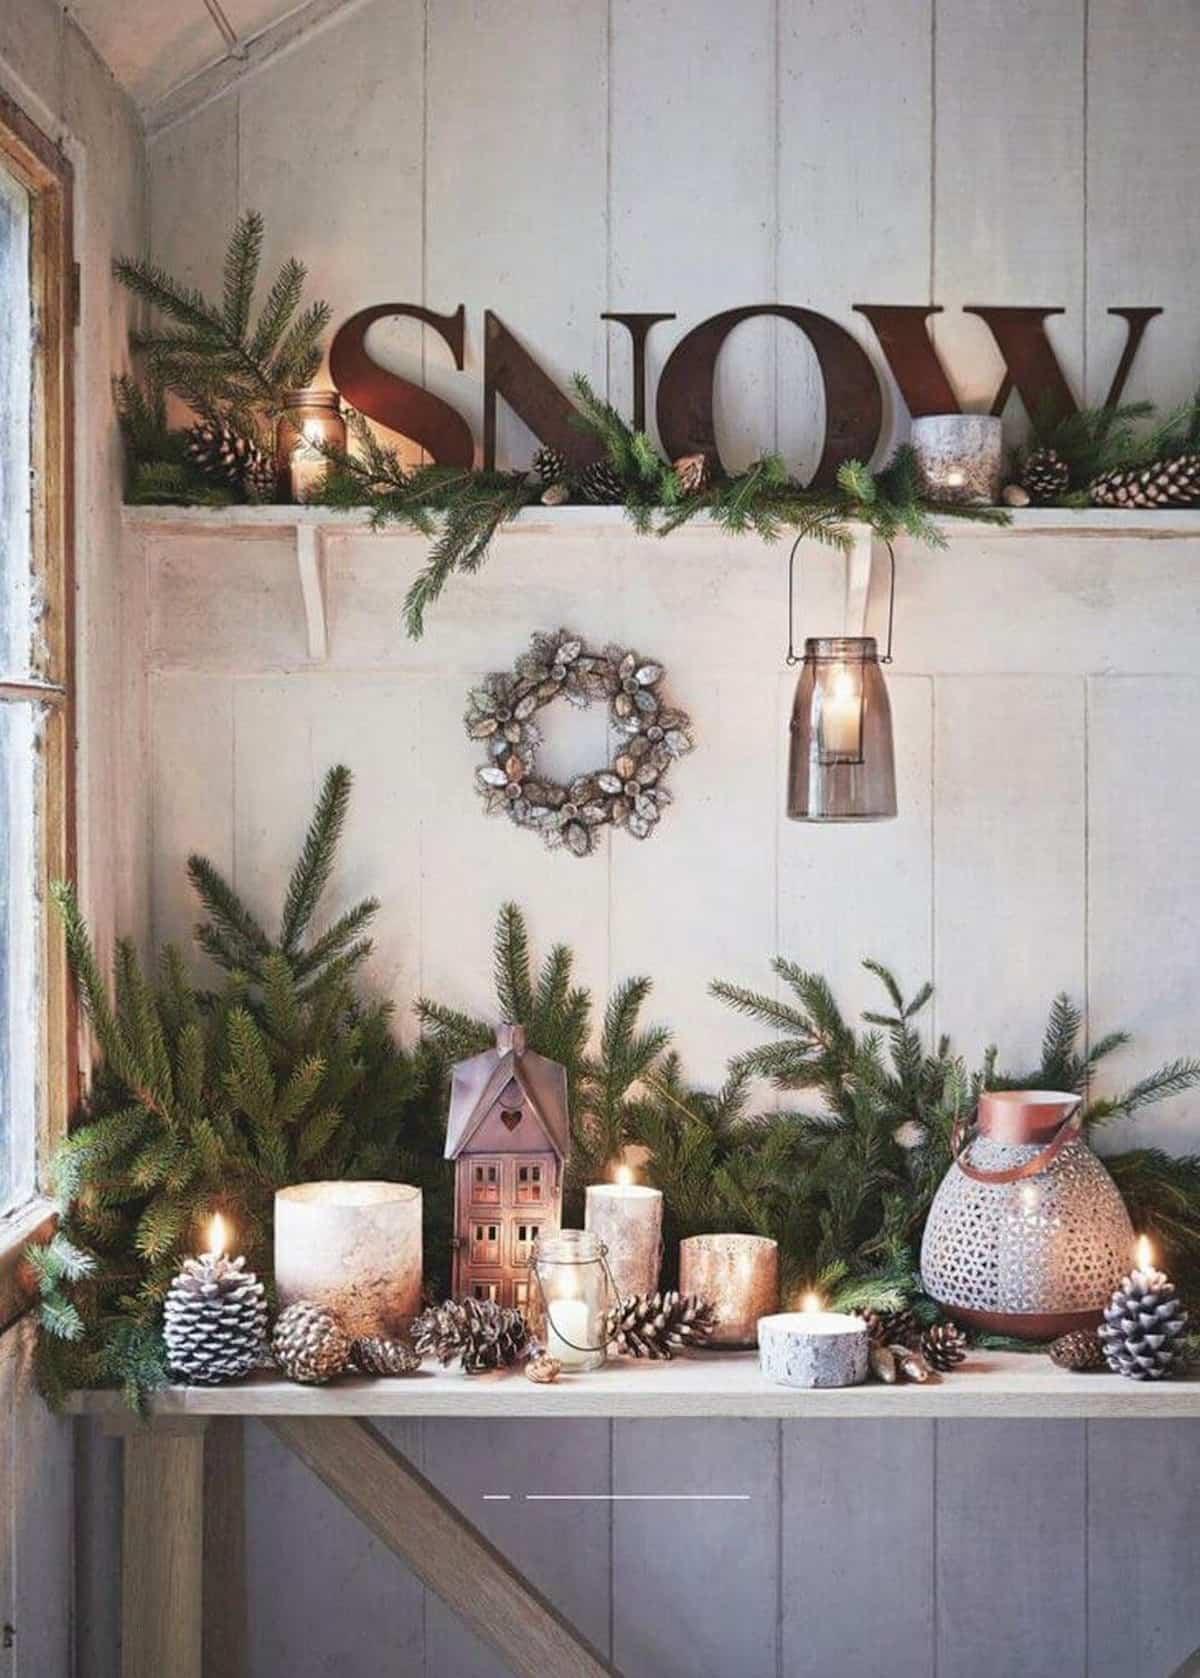 decoracion navidena de estilo rustico 12